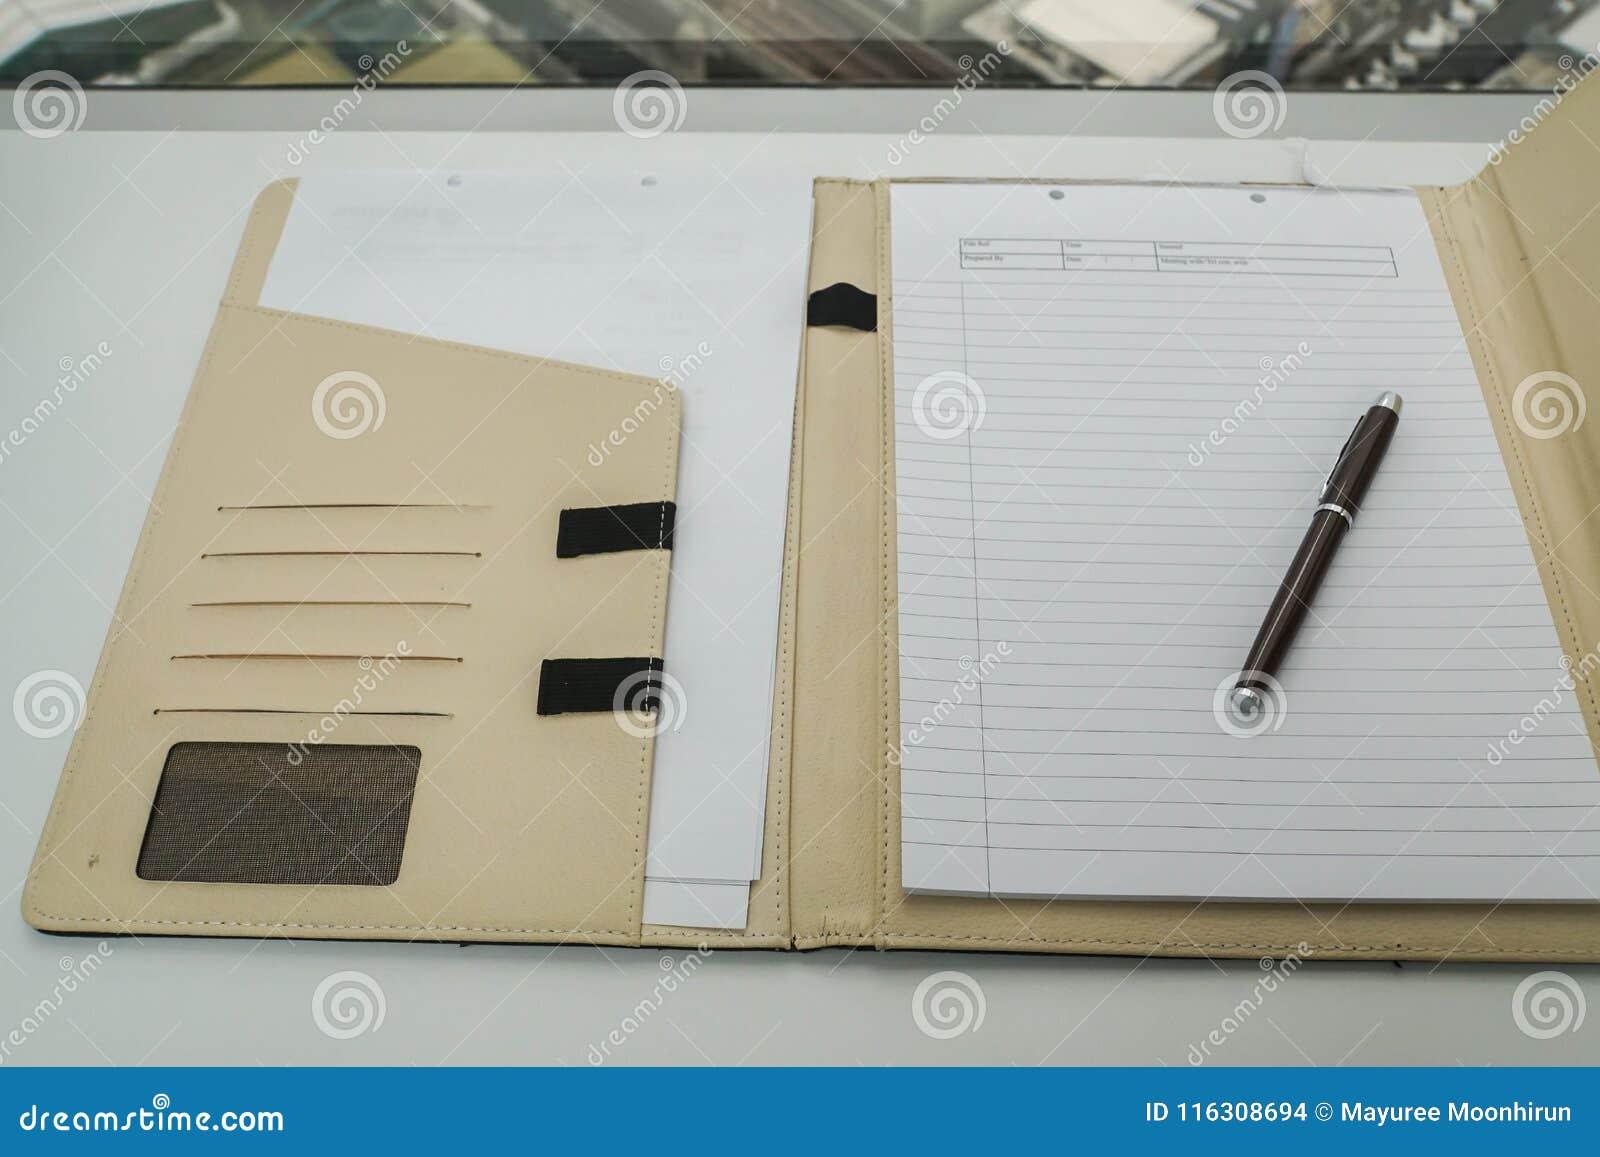 Notizbuch im ledernen Argument für Notiz und Sitzungsbericht